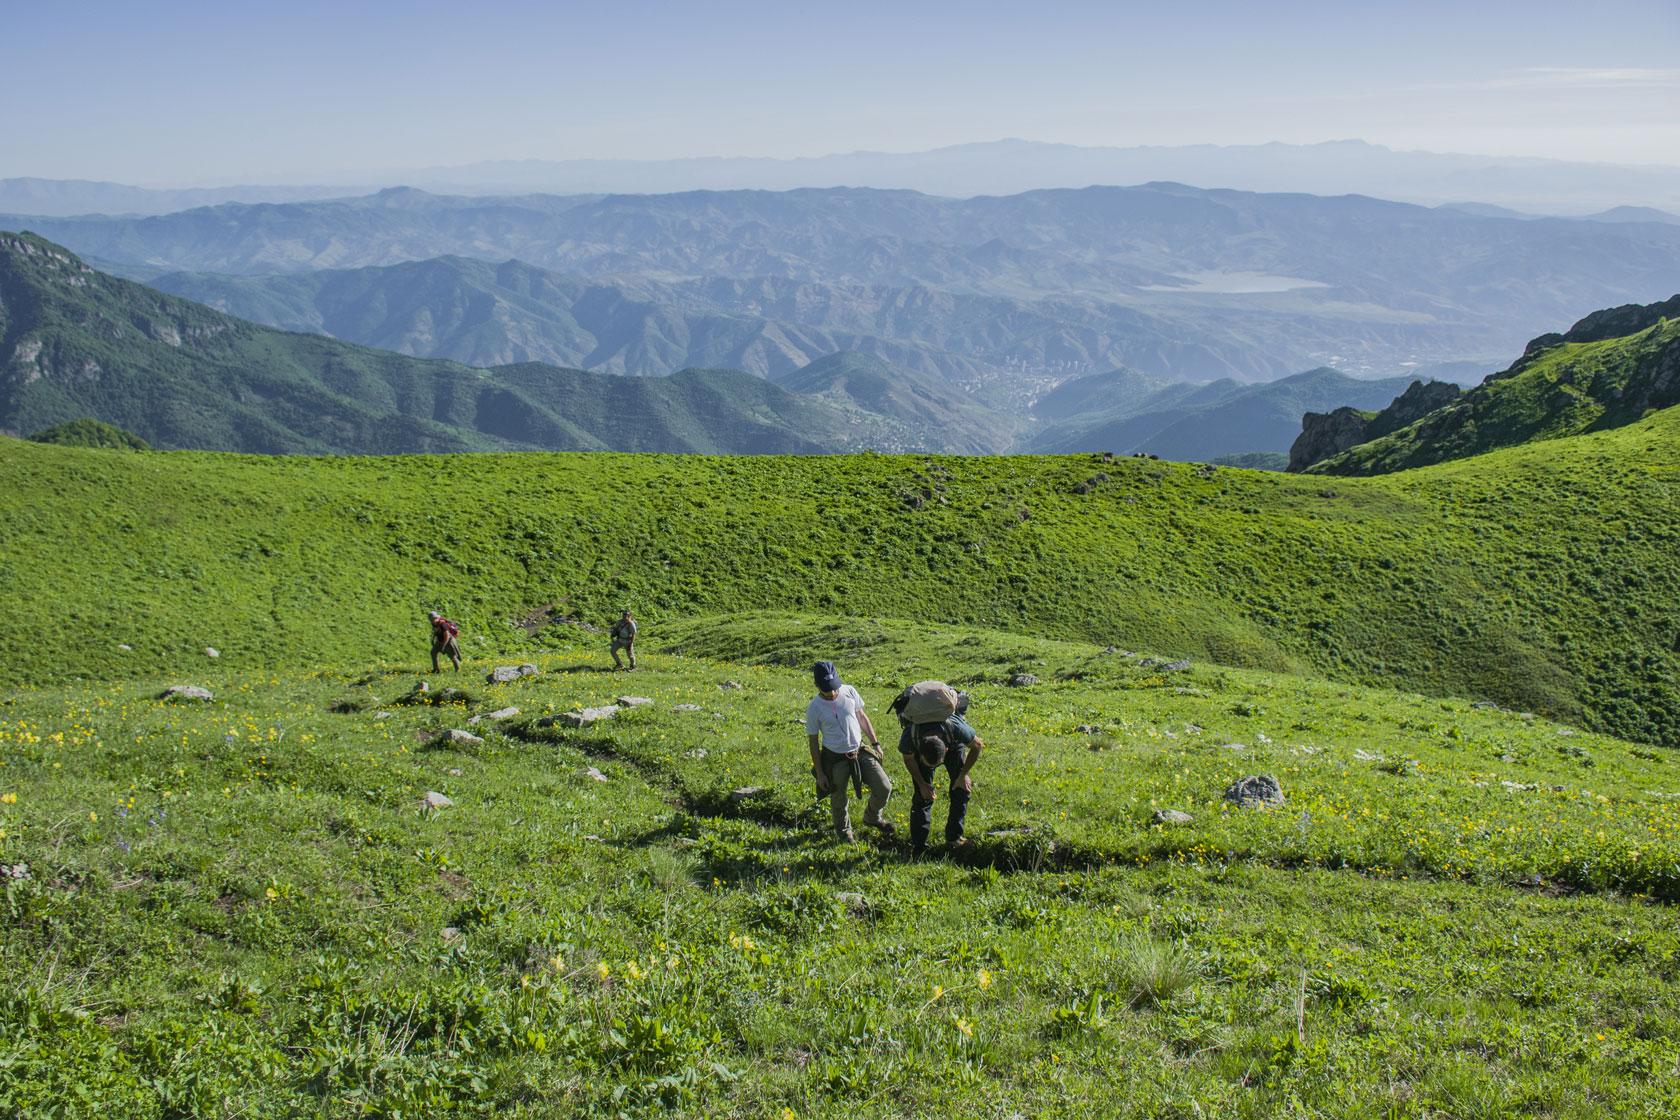 Camminare-in-montagna-senza-dolore-al-ginocchio-indossando-una-ginocchiera-Invel.jpg